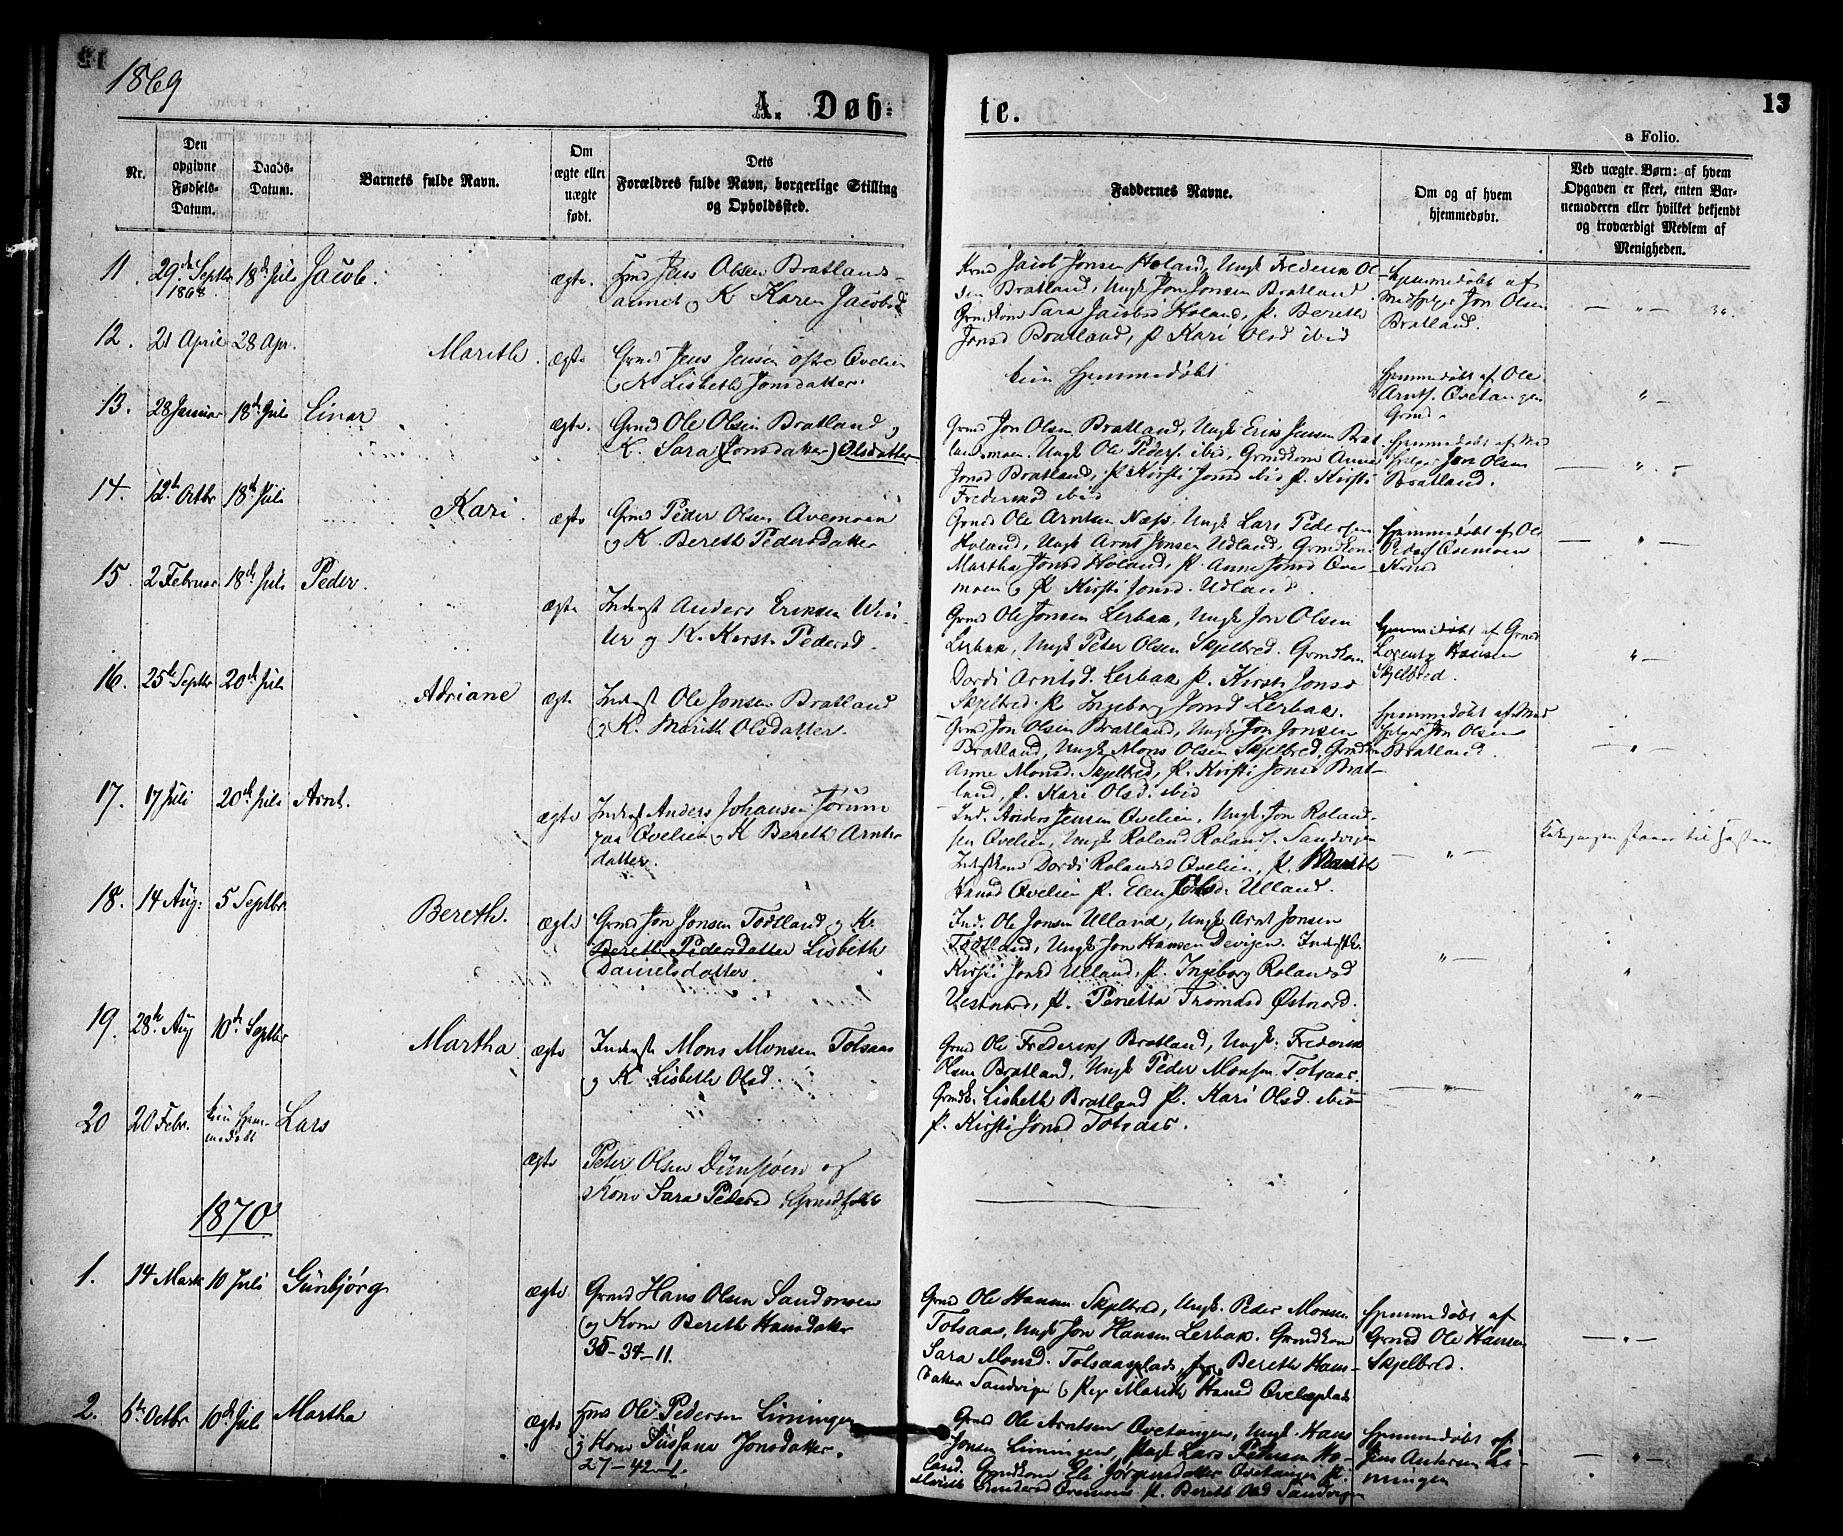 SAT, Ministerialprotokoller, klokkerbøker og fødselsregistre - Nord-Trøndelag, 755/L0493: Ministerialbok nr. 755A02, 1865-1881, s. 13